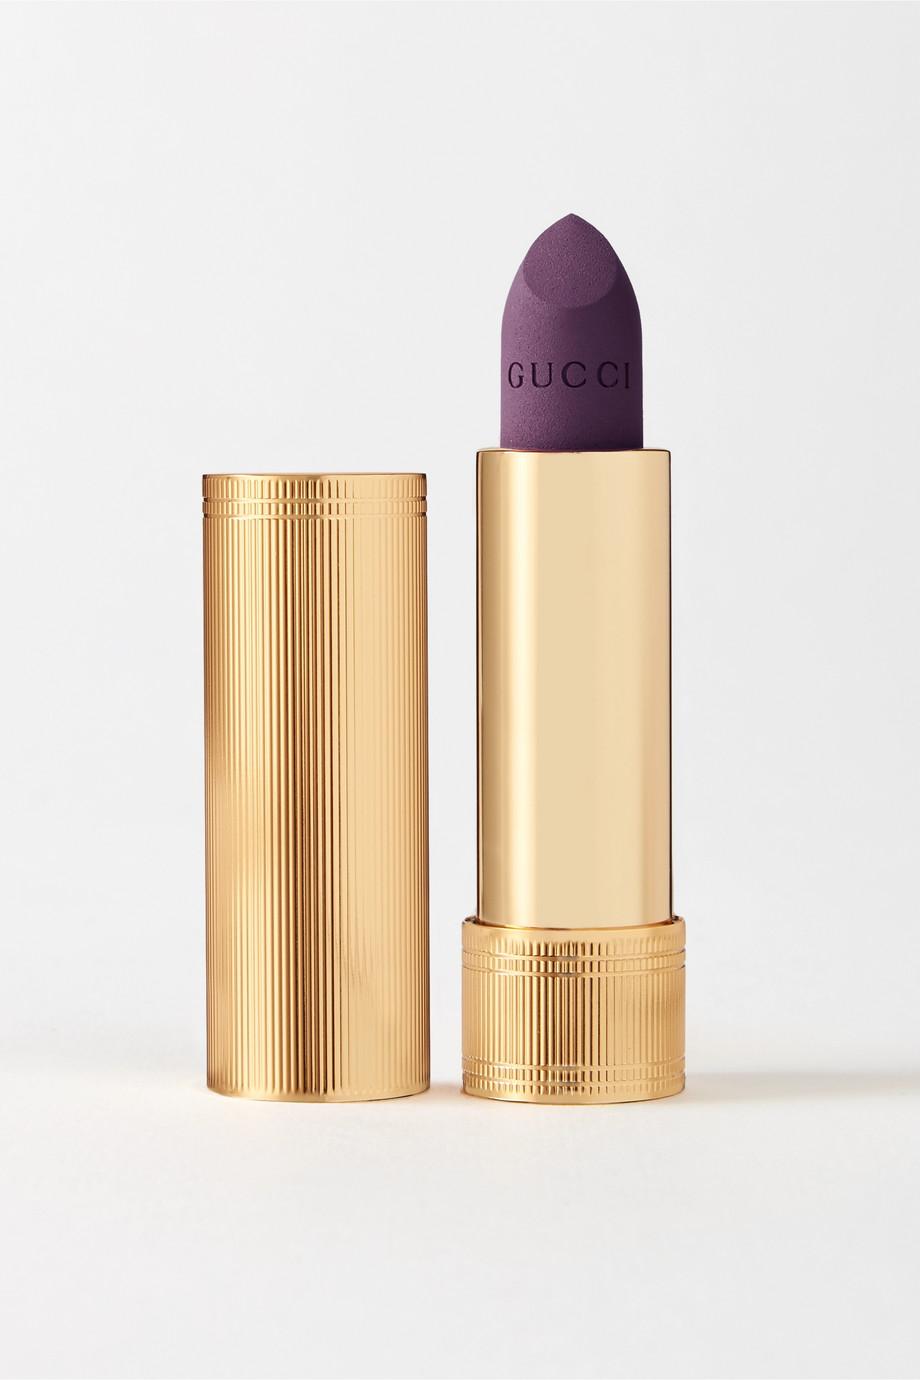 Gucci Beauty Rouge à Lèvres Gothique Lipstick – Sophie Plum 606 – Lippenstift